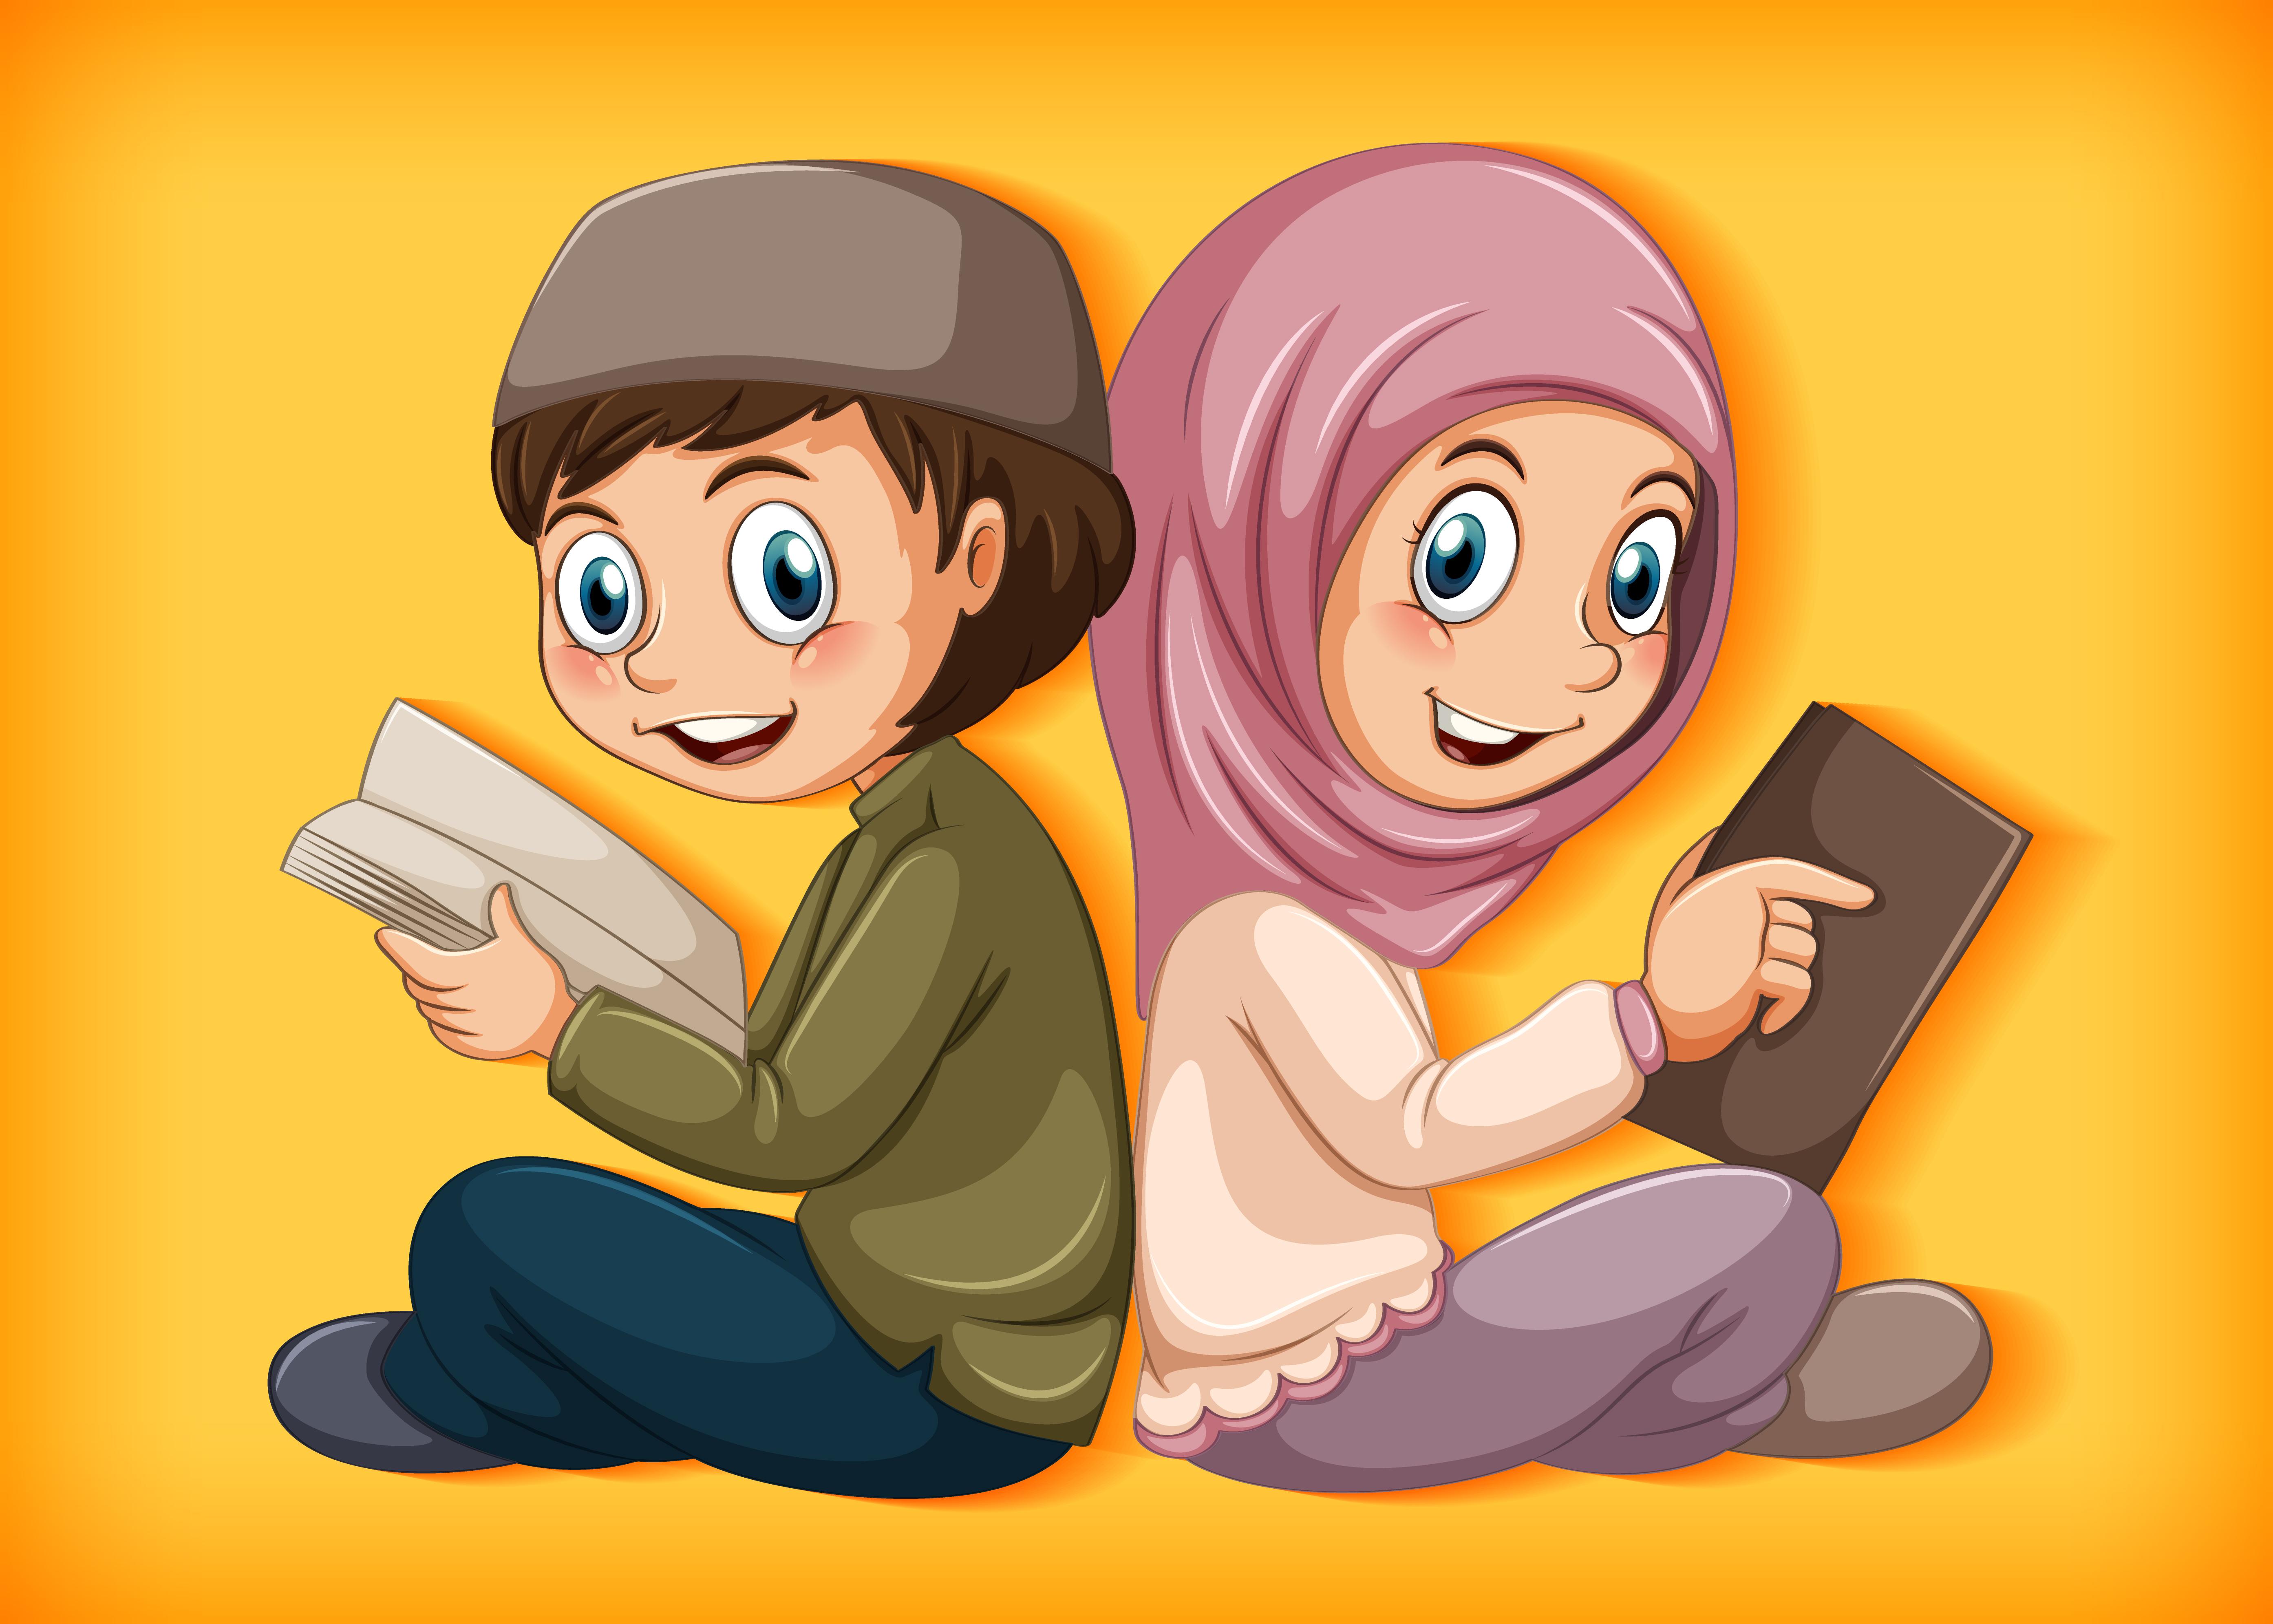 Guru Les Privat Baca Tulis Iqro Al-Quran, Siap Mengajarkan Al-Quran Sampai Bisa!